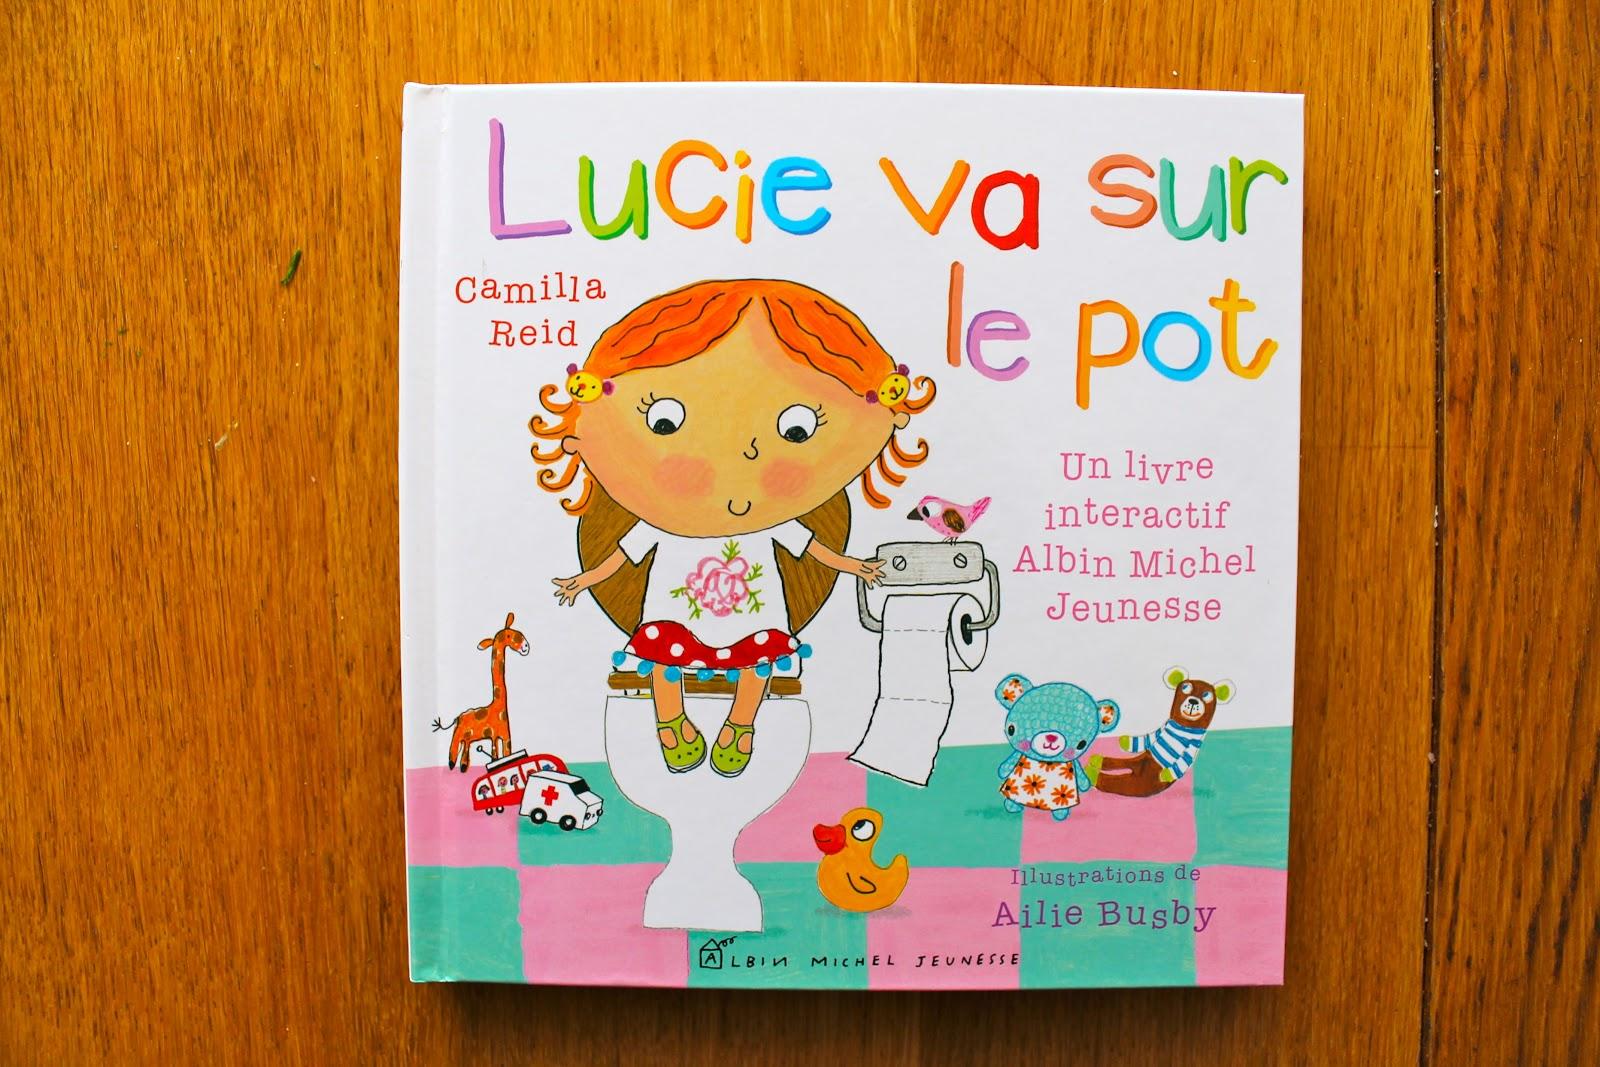 Initier Bébé Au Pot le bric à brac de dada: blog beauté, maternité,humeurs et